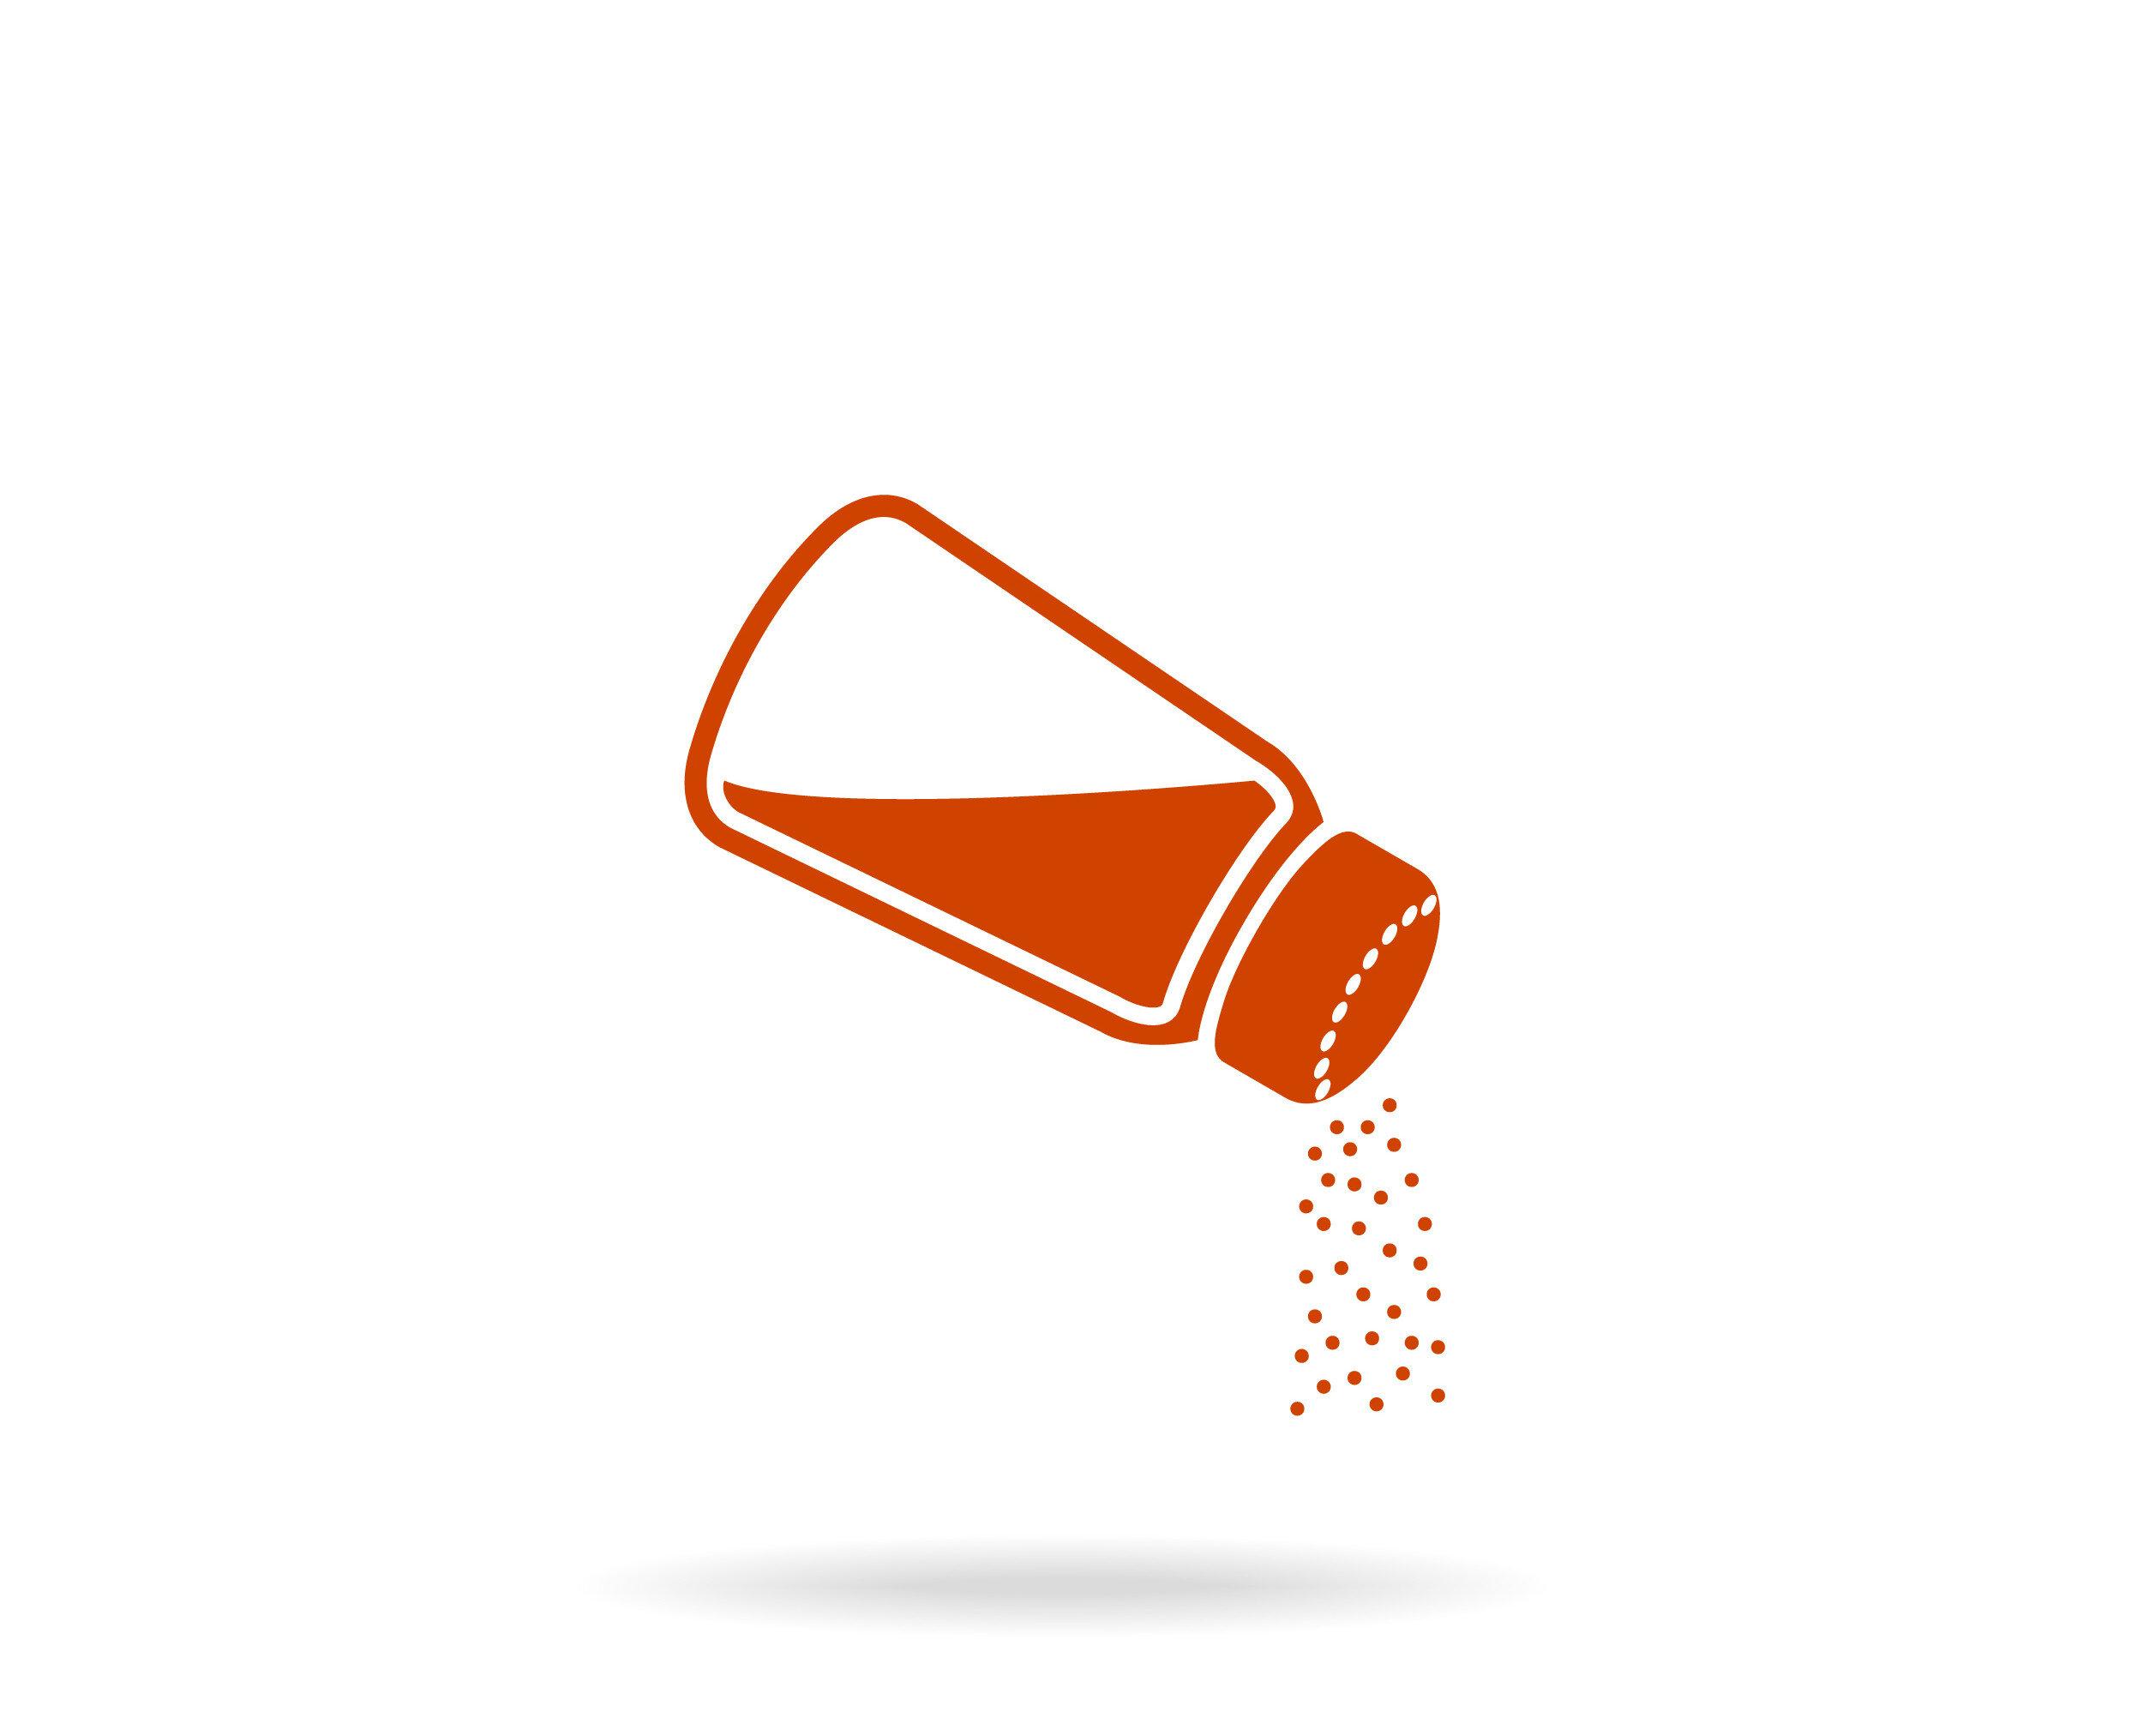 Salz ist lebenswichtig, doch auf die Menge kommt es an. Der Zusammenhang von Salz und Bluthochdruck ist vielen bekannt. © VectorDesigner / shutterstock.com